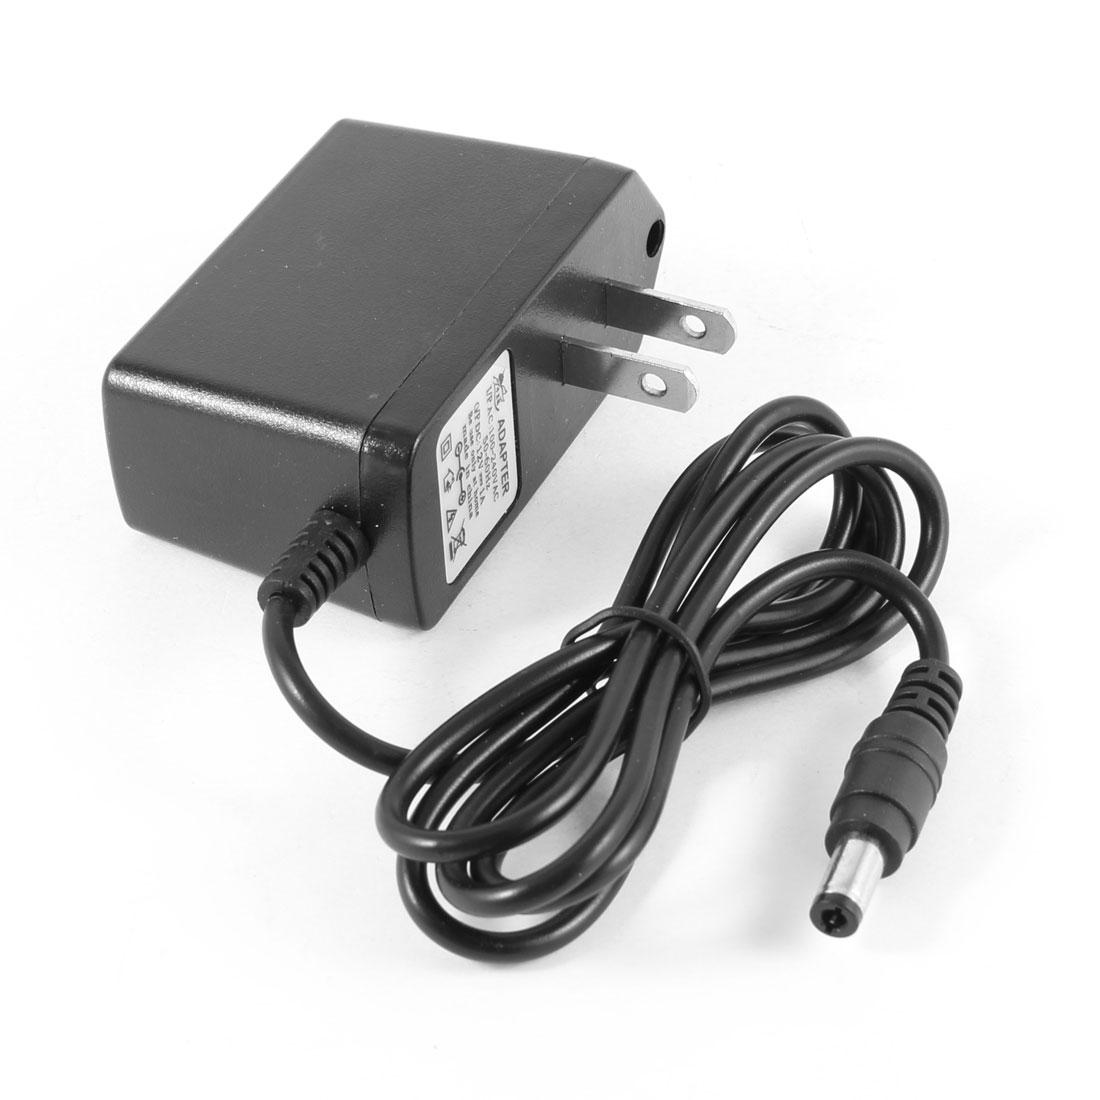 US Plug 100V-240V AC Input 12V 1A DC Output Power Supply Adapter for CCTV Camera DVR